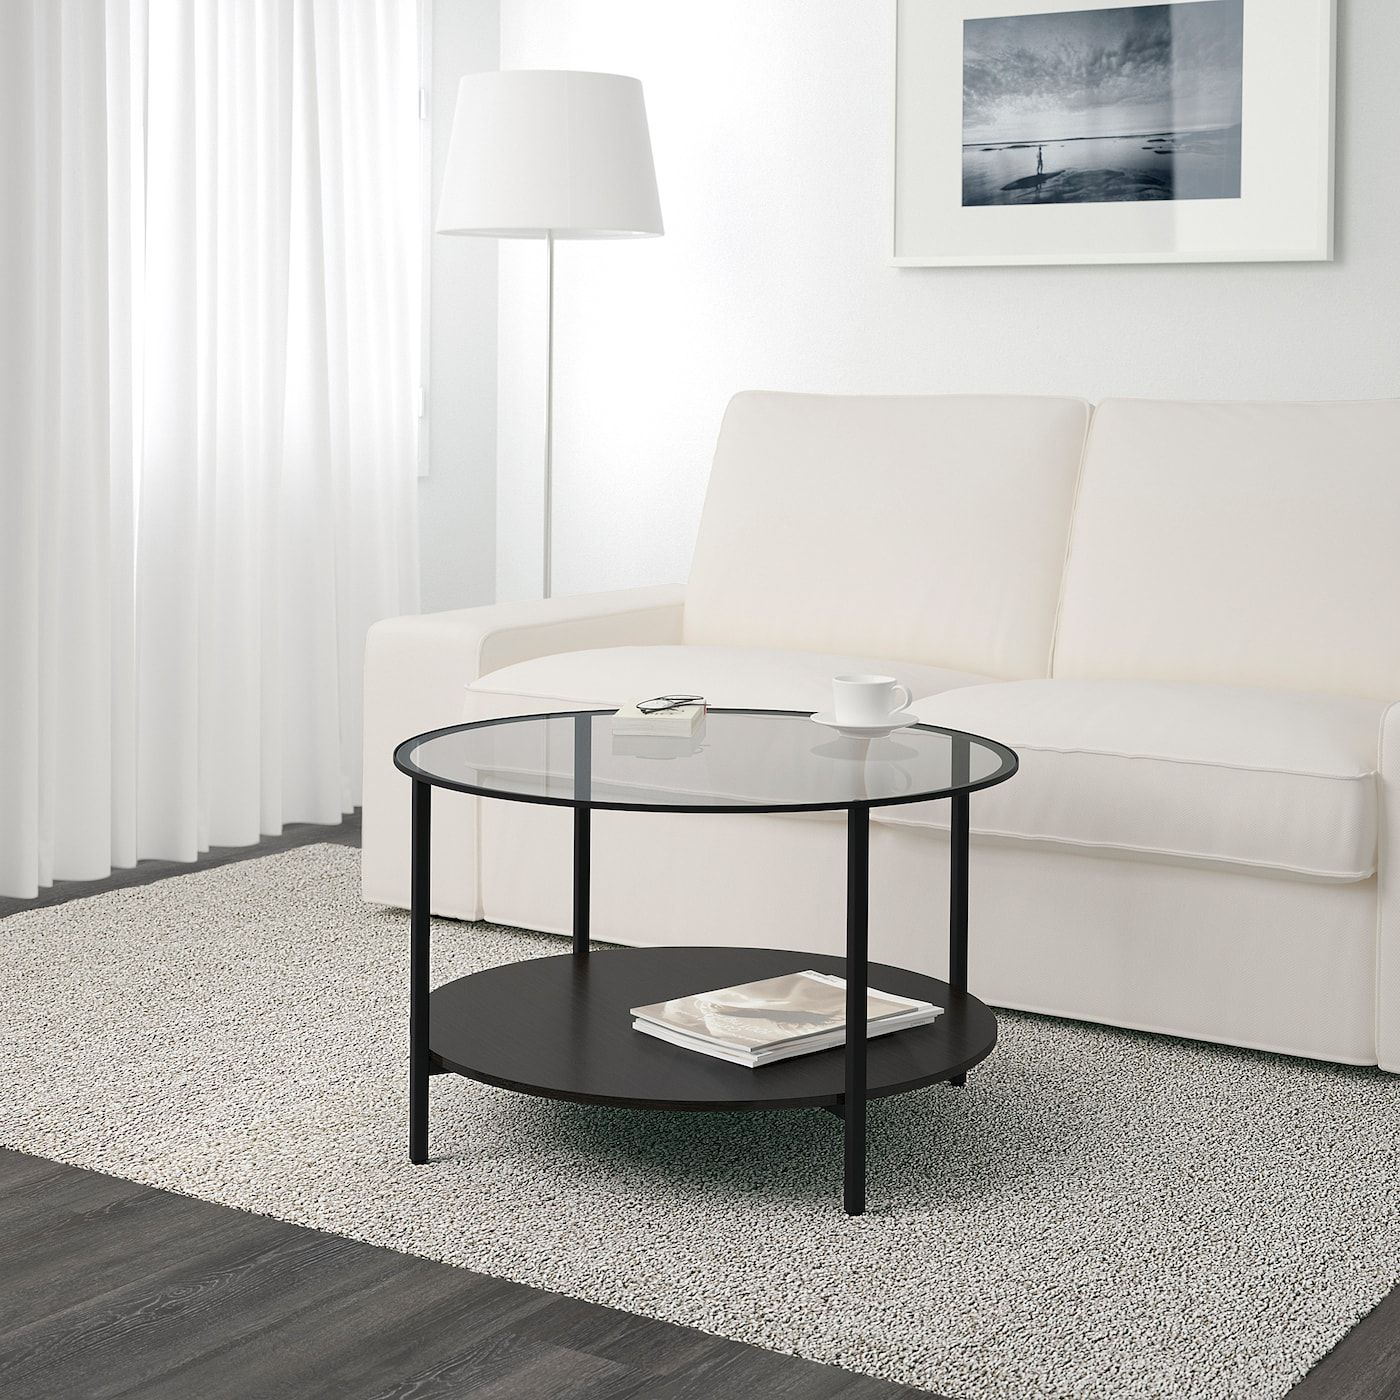 Vittsjo Coffee Table Black Brown Glass Ikea In 2020 Wohnzimmertische Couchtisch Ikea Couchtisch